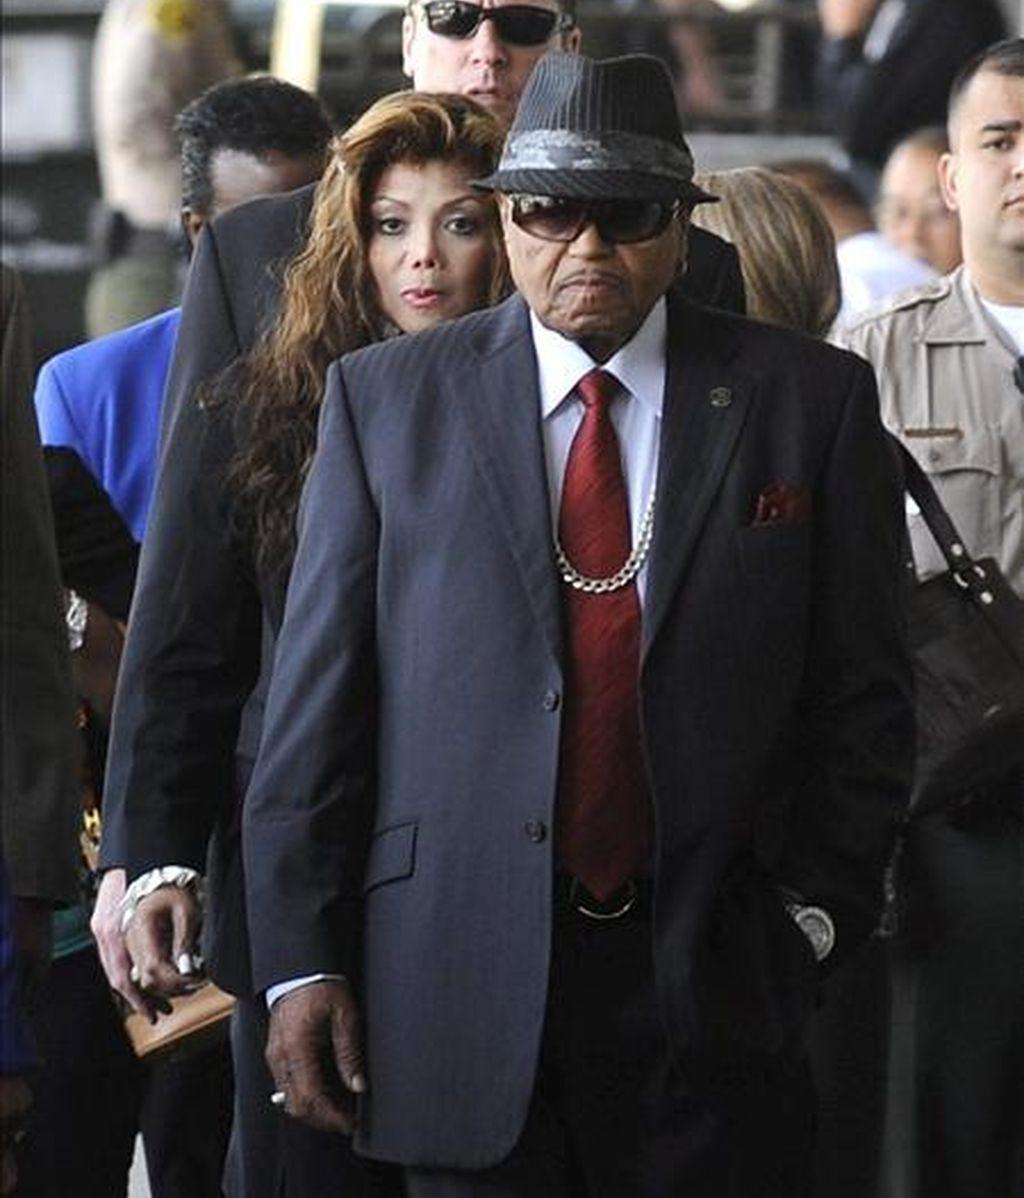 Joe Jackson, (delante), LaToya Jackson (detrás), padre y hermana del fallecido Michael Jackson. EFE/Archivo